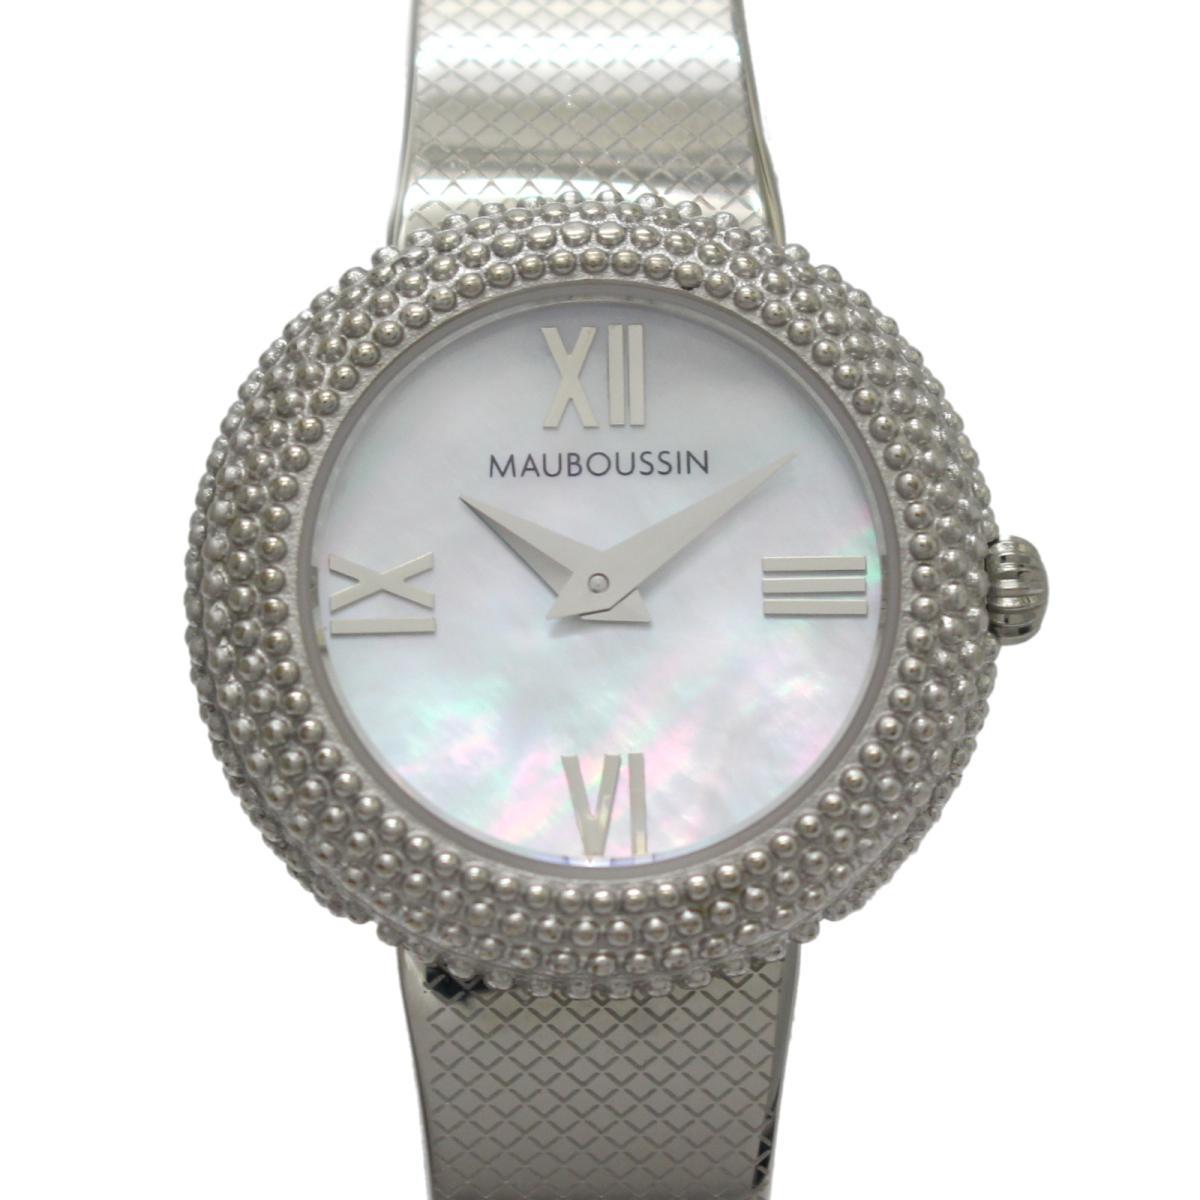 【中古】 セレクション MAUBOUSSIN ルールドゥプルミエジュールSS レディース ステンレススチール (SS) マザーオブパール (9236100-900)   SELECTION BRANDOFF ブランドオフ ブランド ブランド時計 ブランド腕時計 腕時計 時計